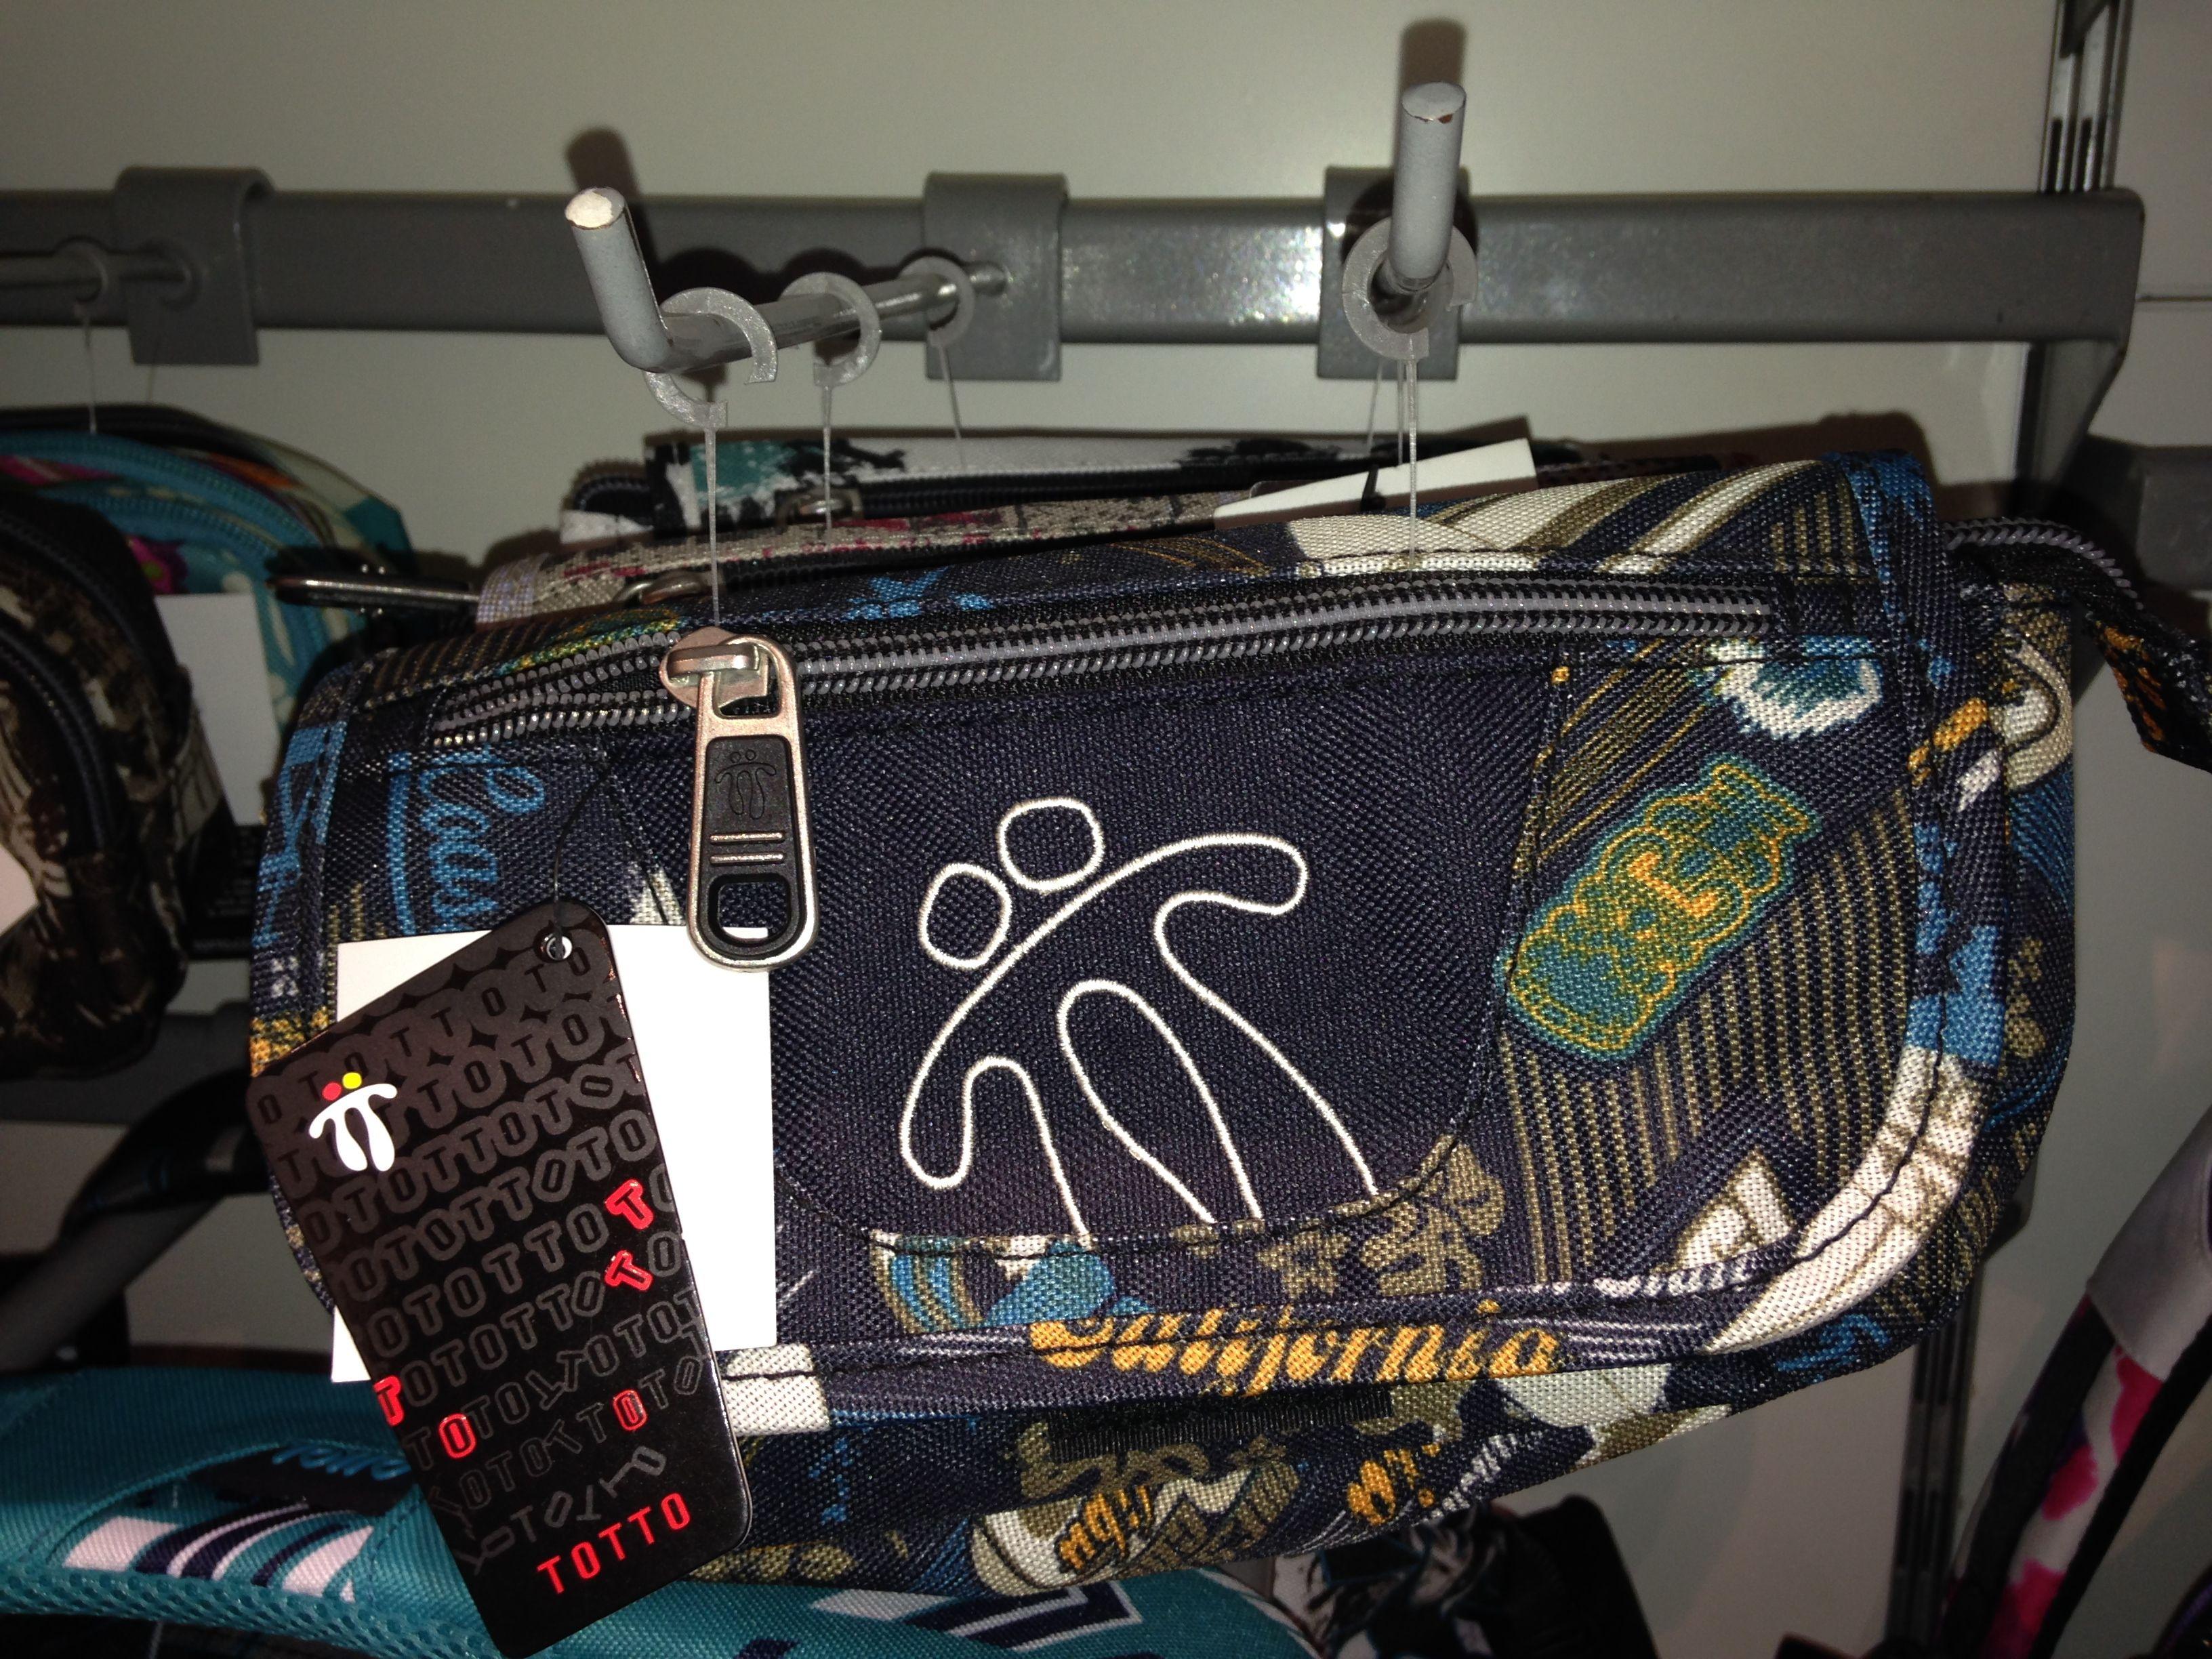 Bolsas, ropa y accesorios en TOTTO